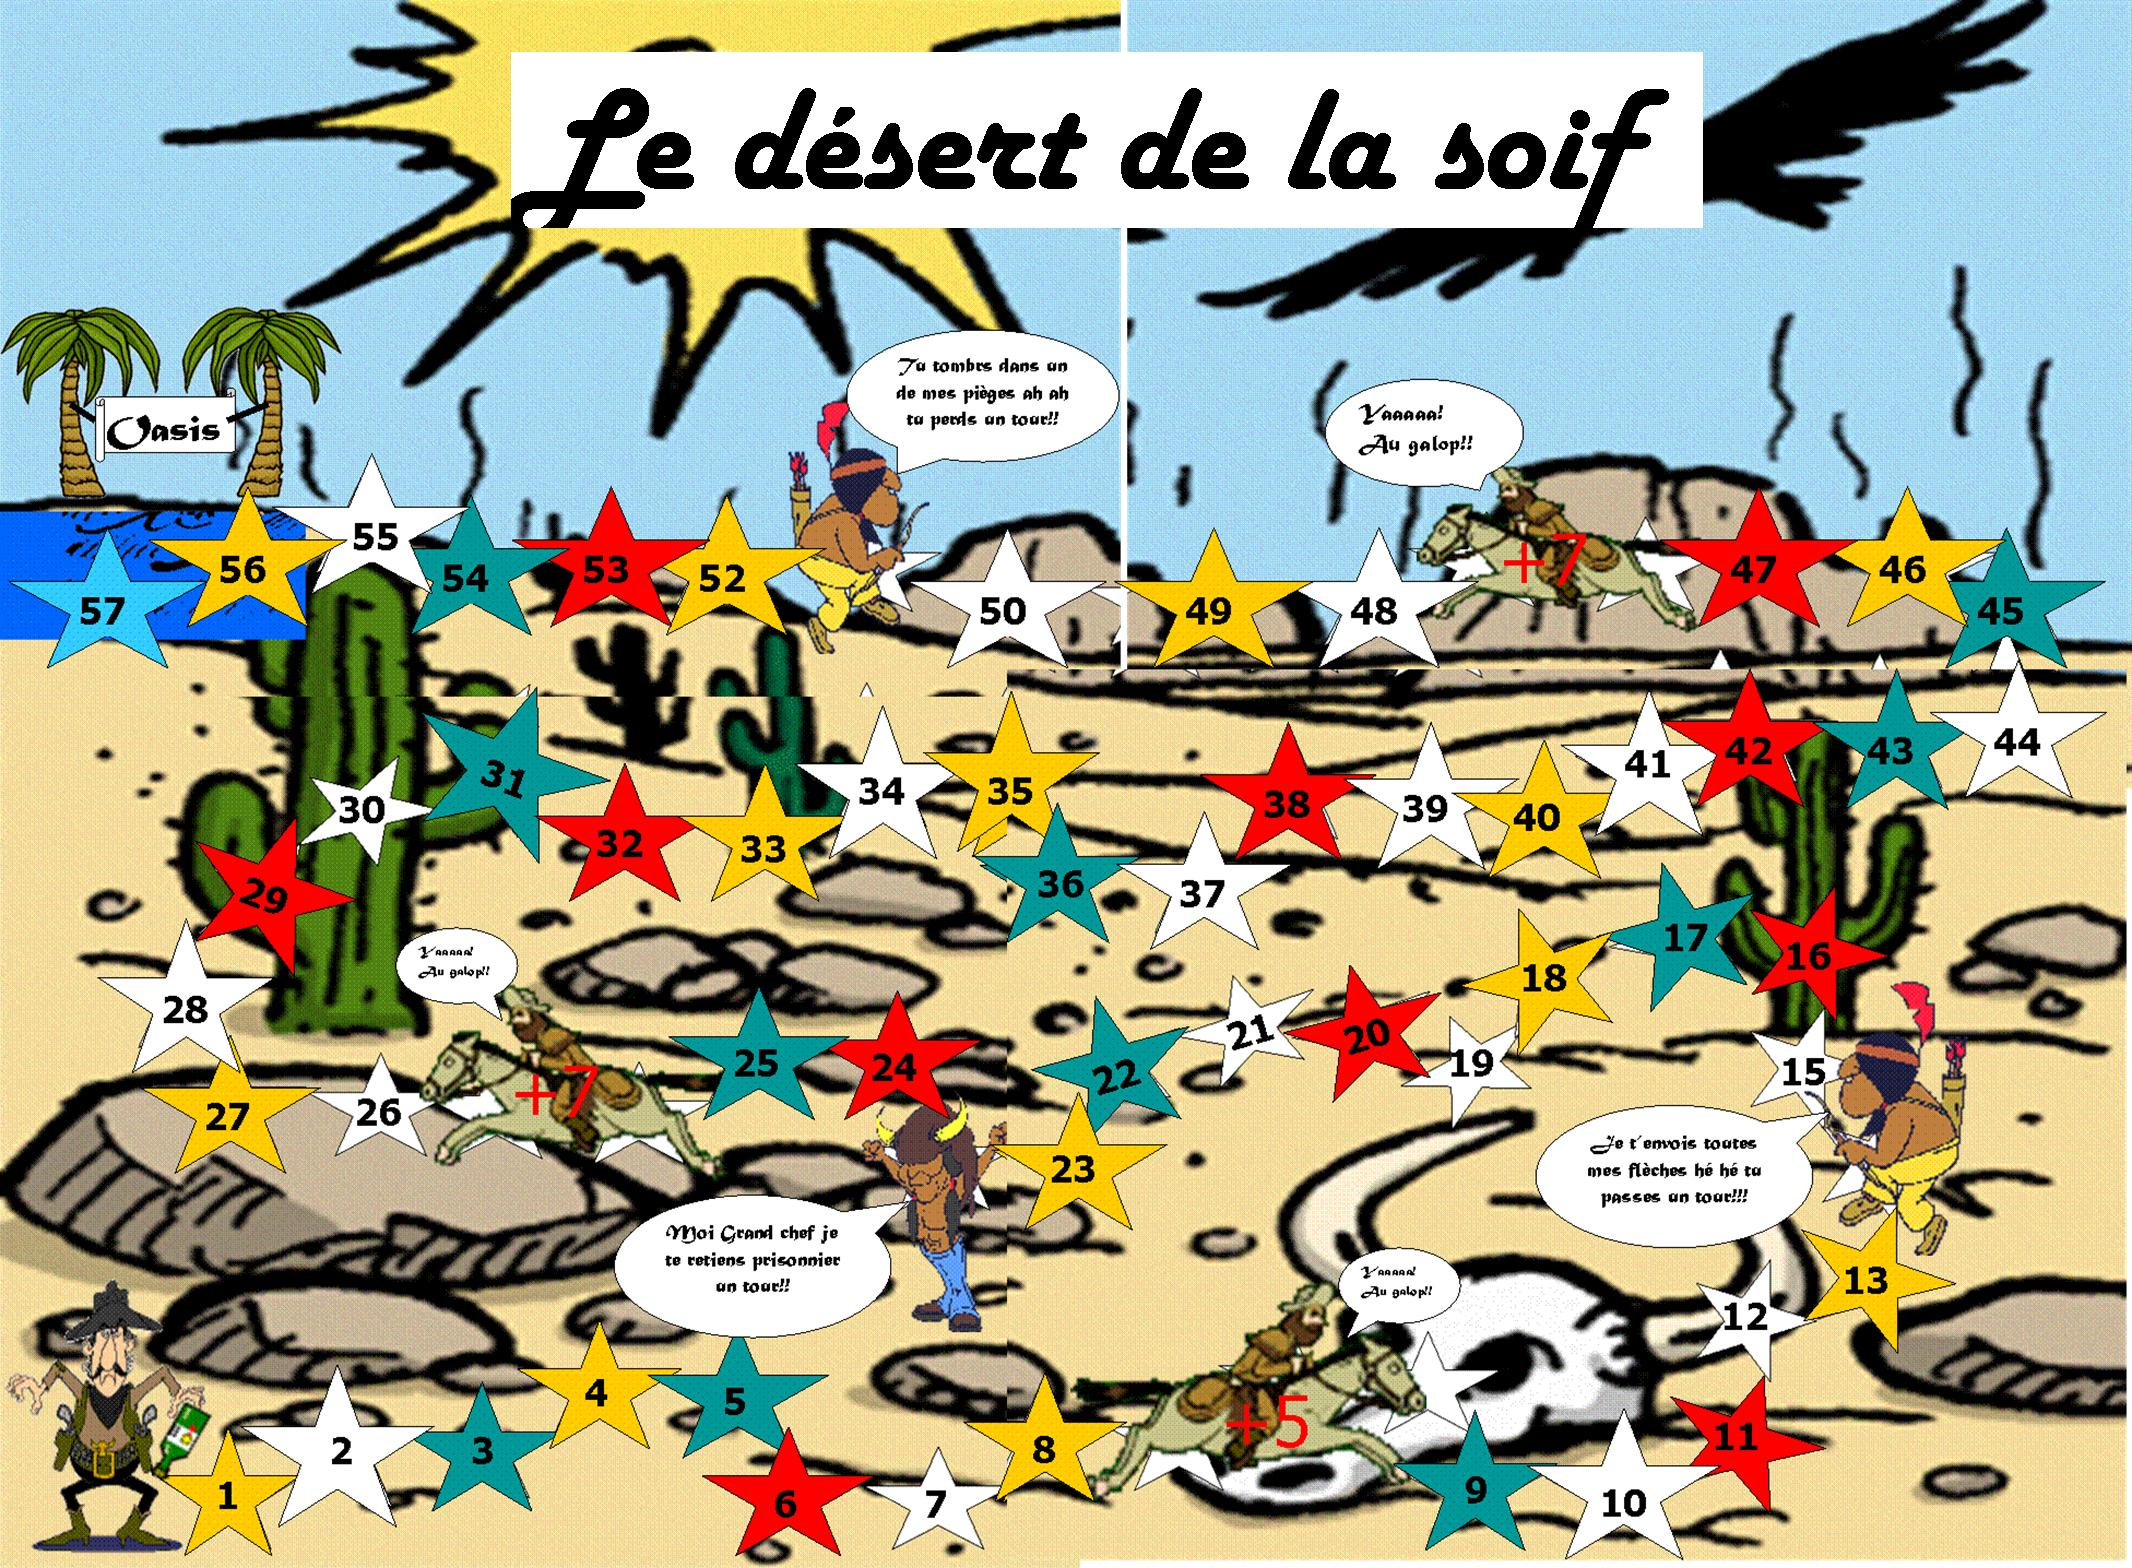 Mes Jeux De Société À Imprimer | Le Blog De Monsieur Mathieu dedans Plateau De Jeux De Société À Imprimer